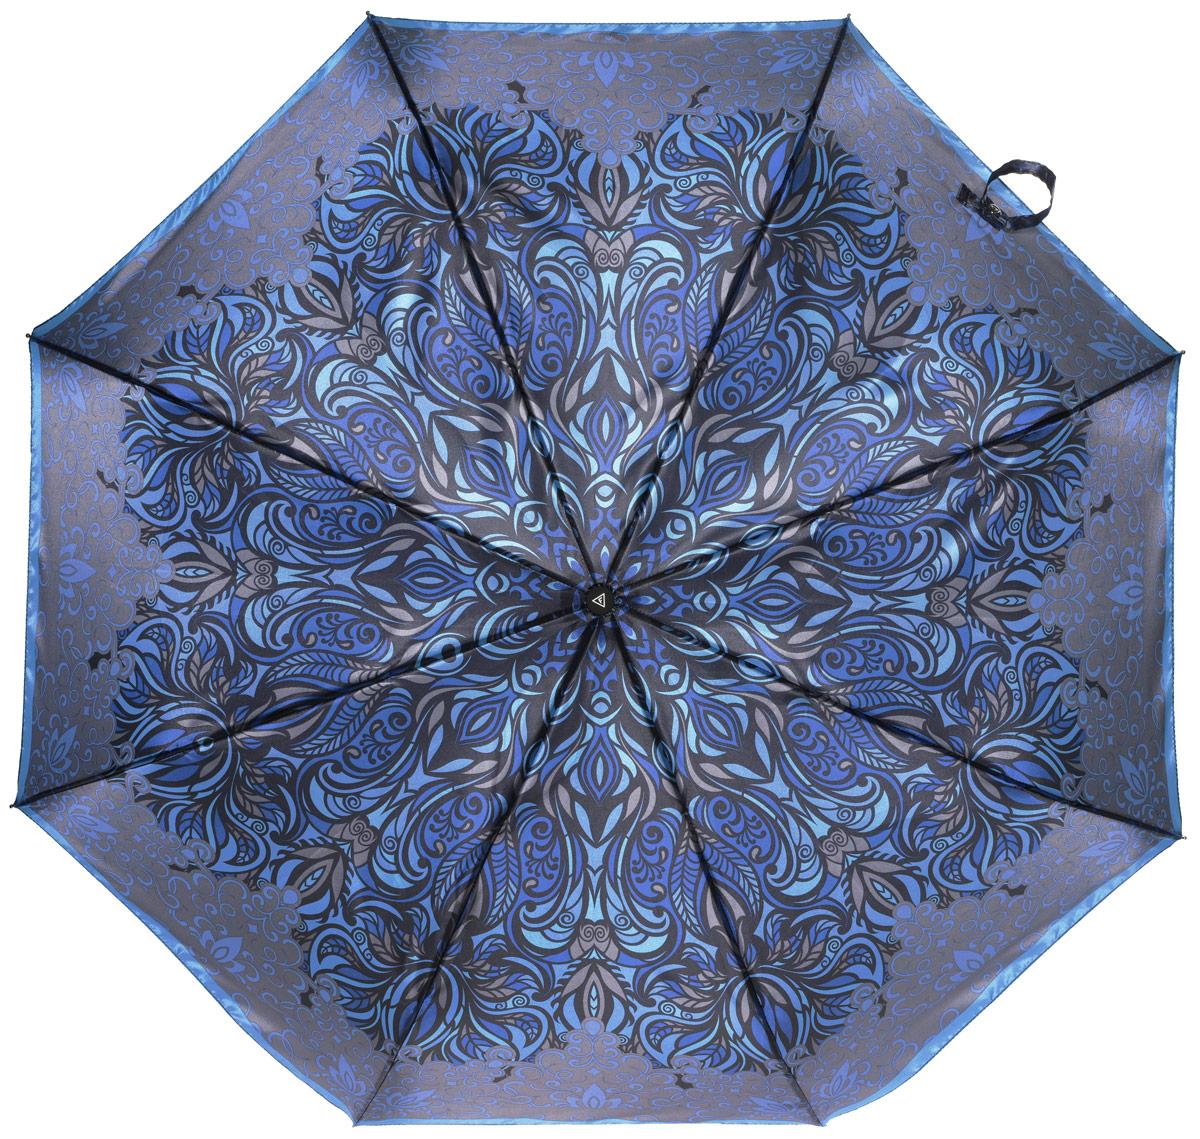 Зонт женский Fabretti, автомат, 3 сложения, цвет: черный. L-16106-10L-16106-10Зонт женский Fabretti, облегченный суперавтомат, 3 сложения